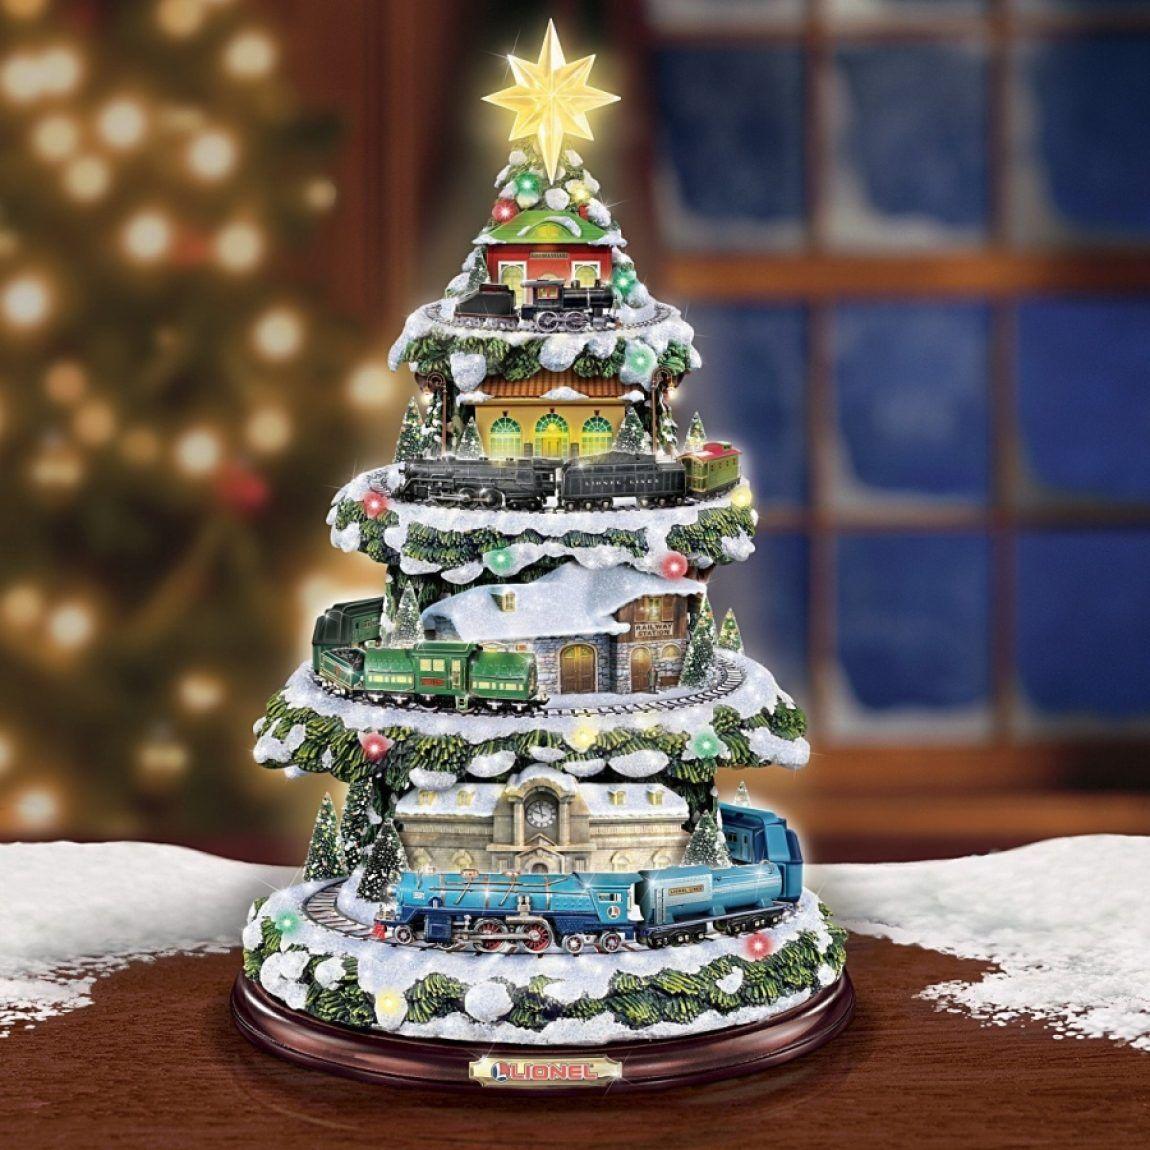 Christmas Train Light Up Christmas Tree With Sound Christmas Train Christmas Tree Train Light